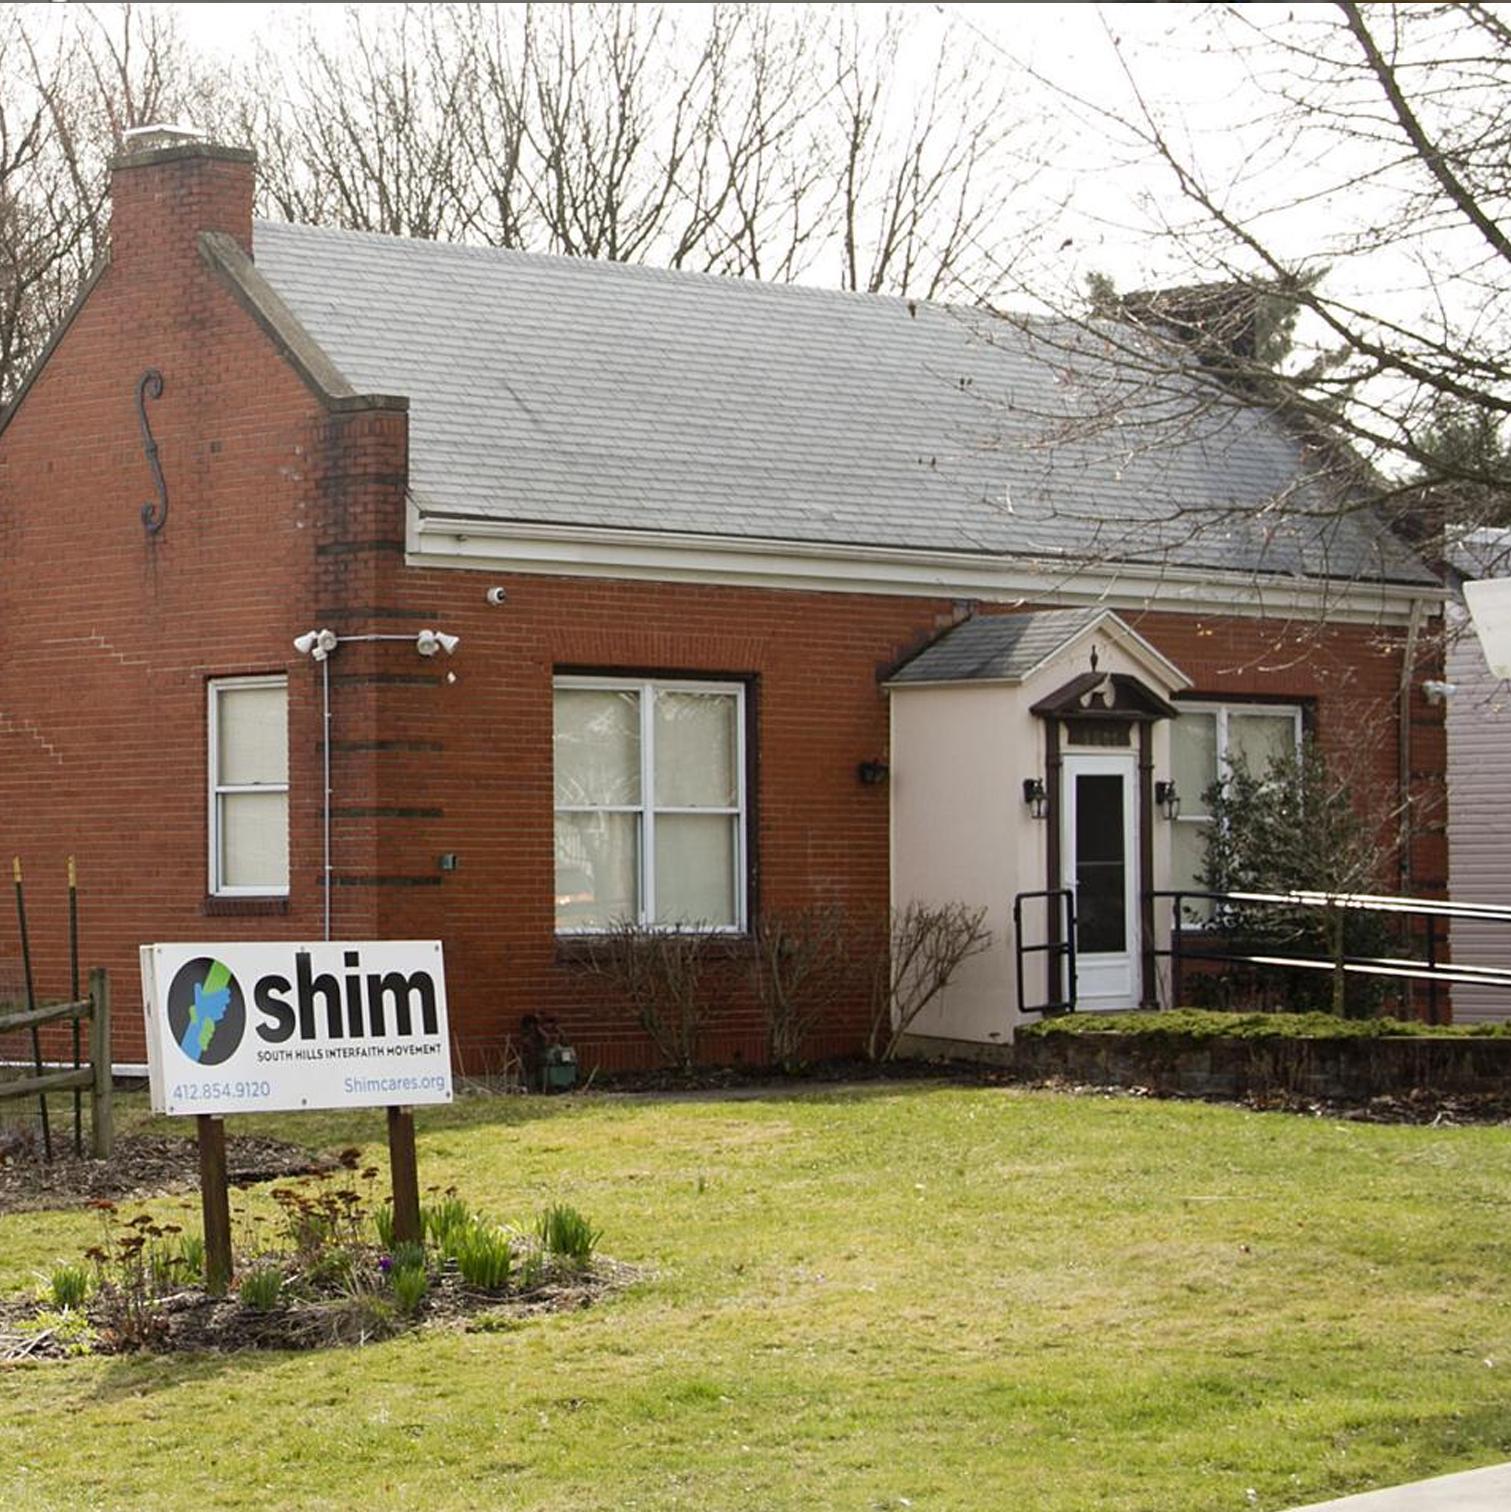 SHIM building